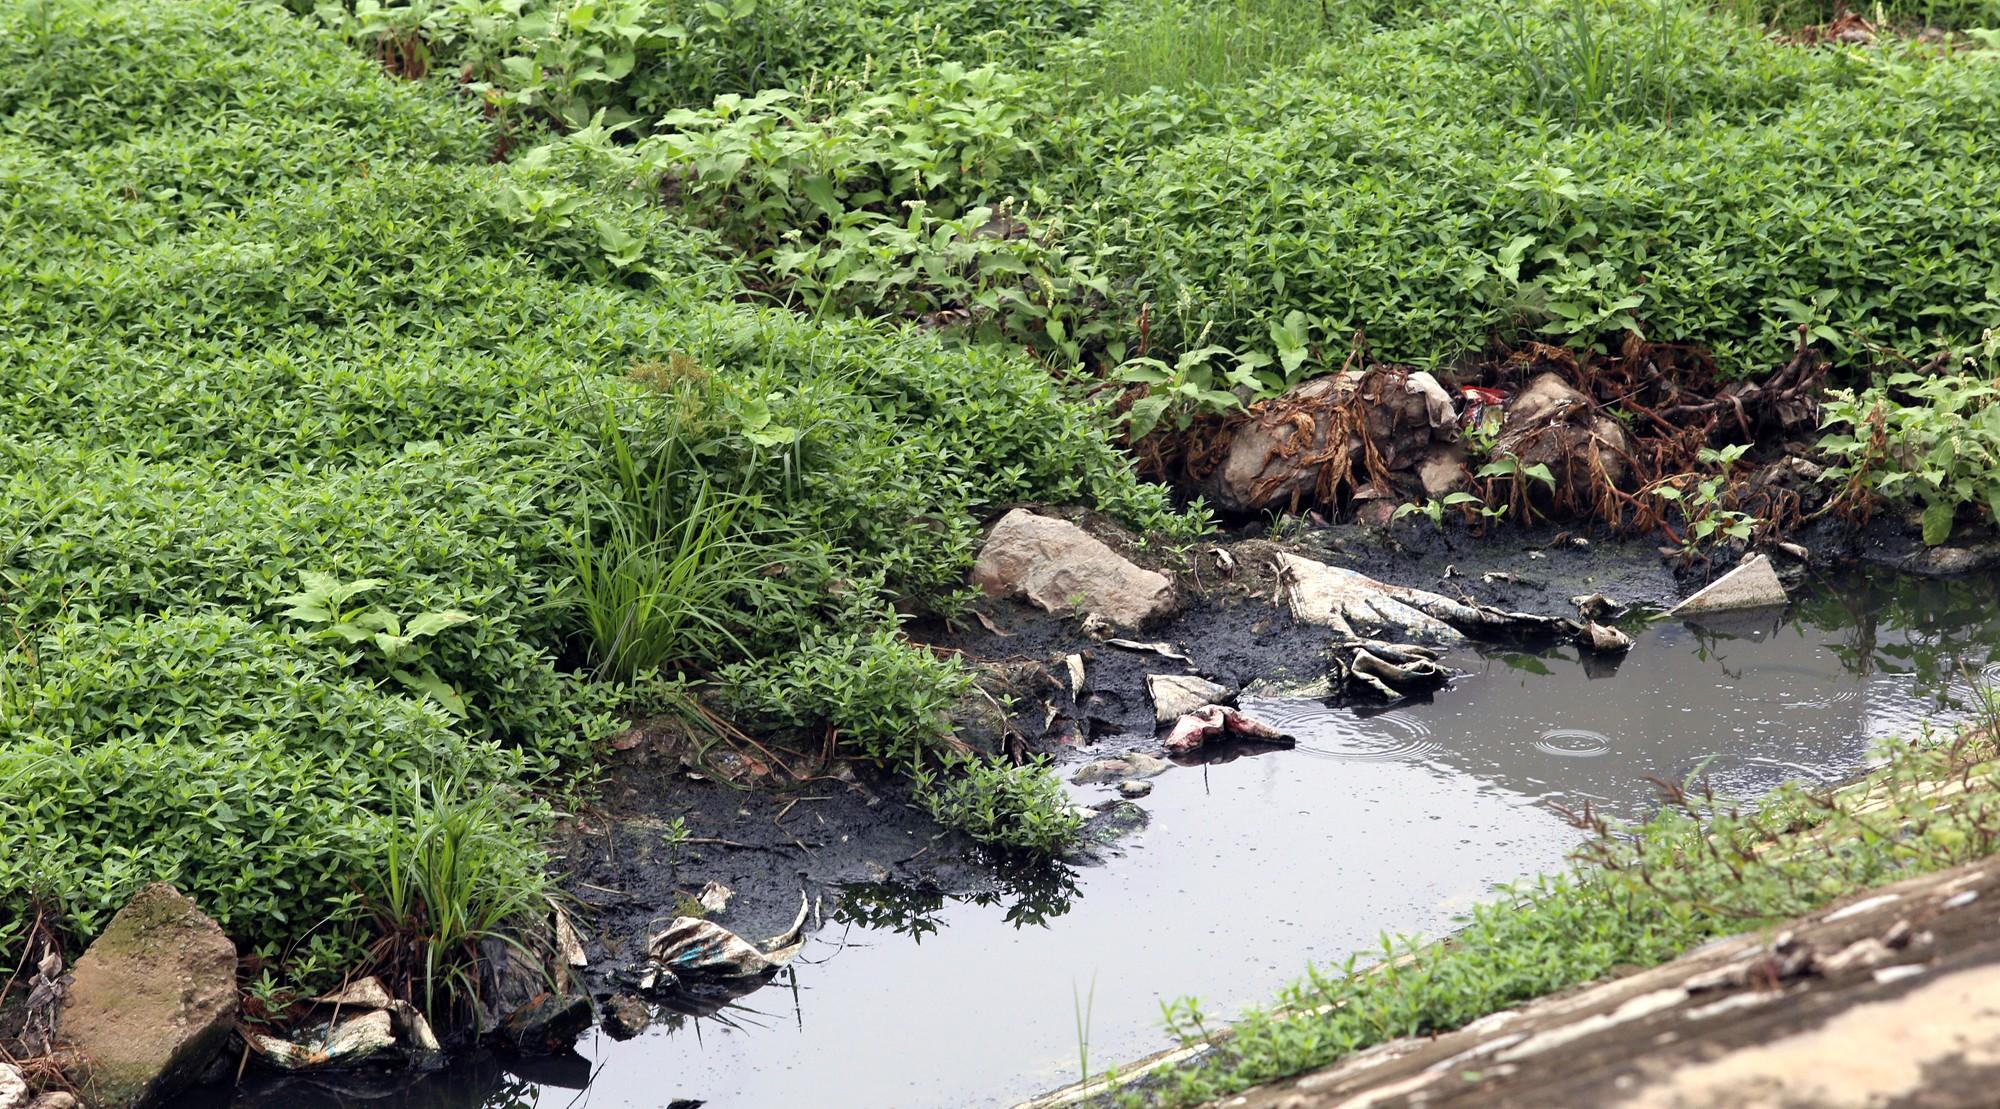 Công viên 300 tỉ đồng trên đất vàng ở Hà Nội mới khánh thành đã bị dân chê hôi thối - Ảnh 9.